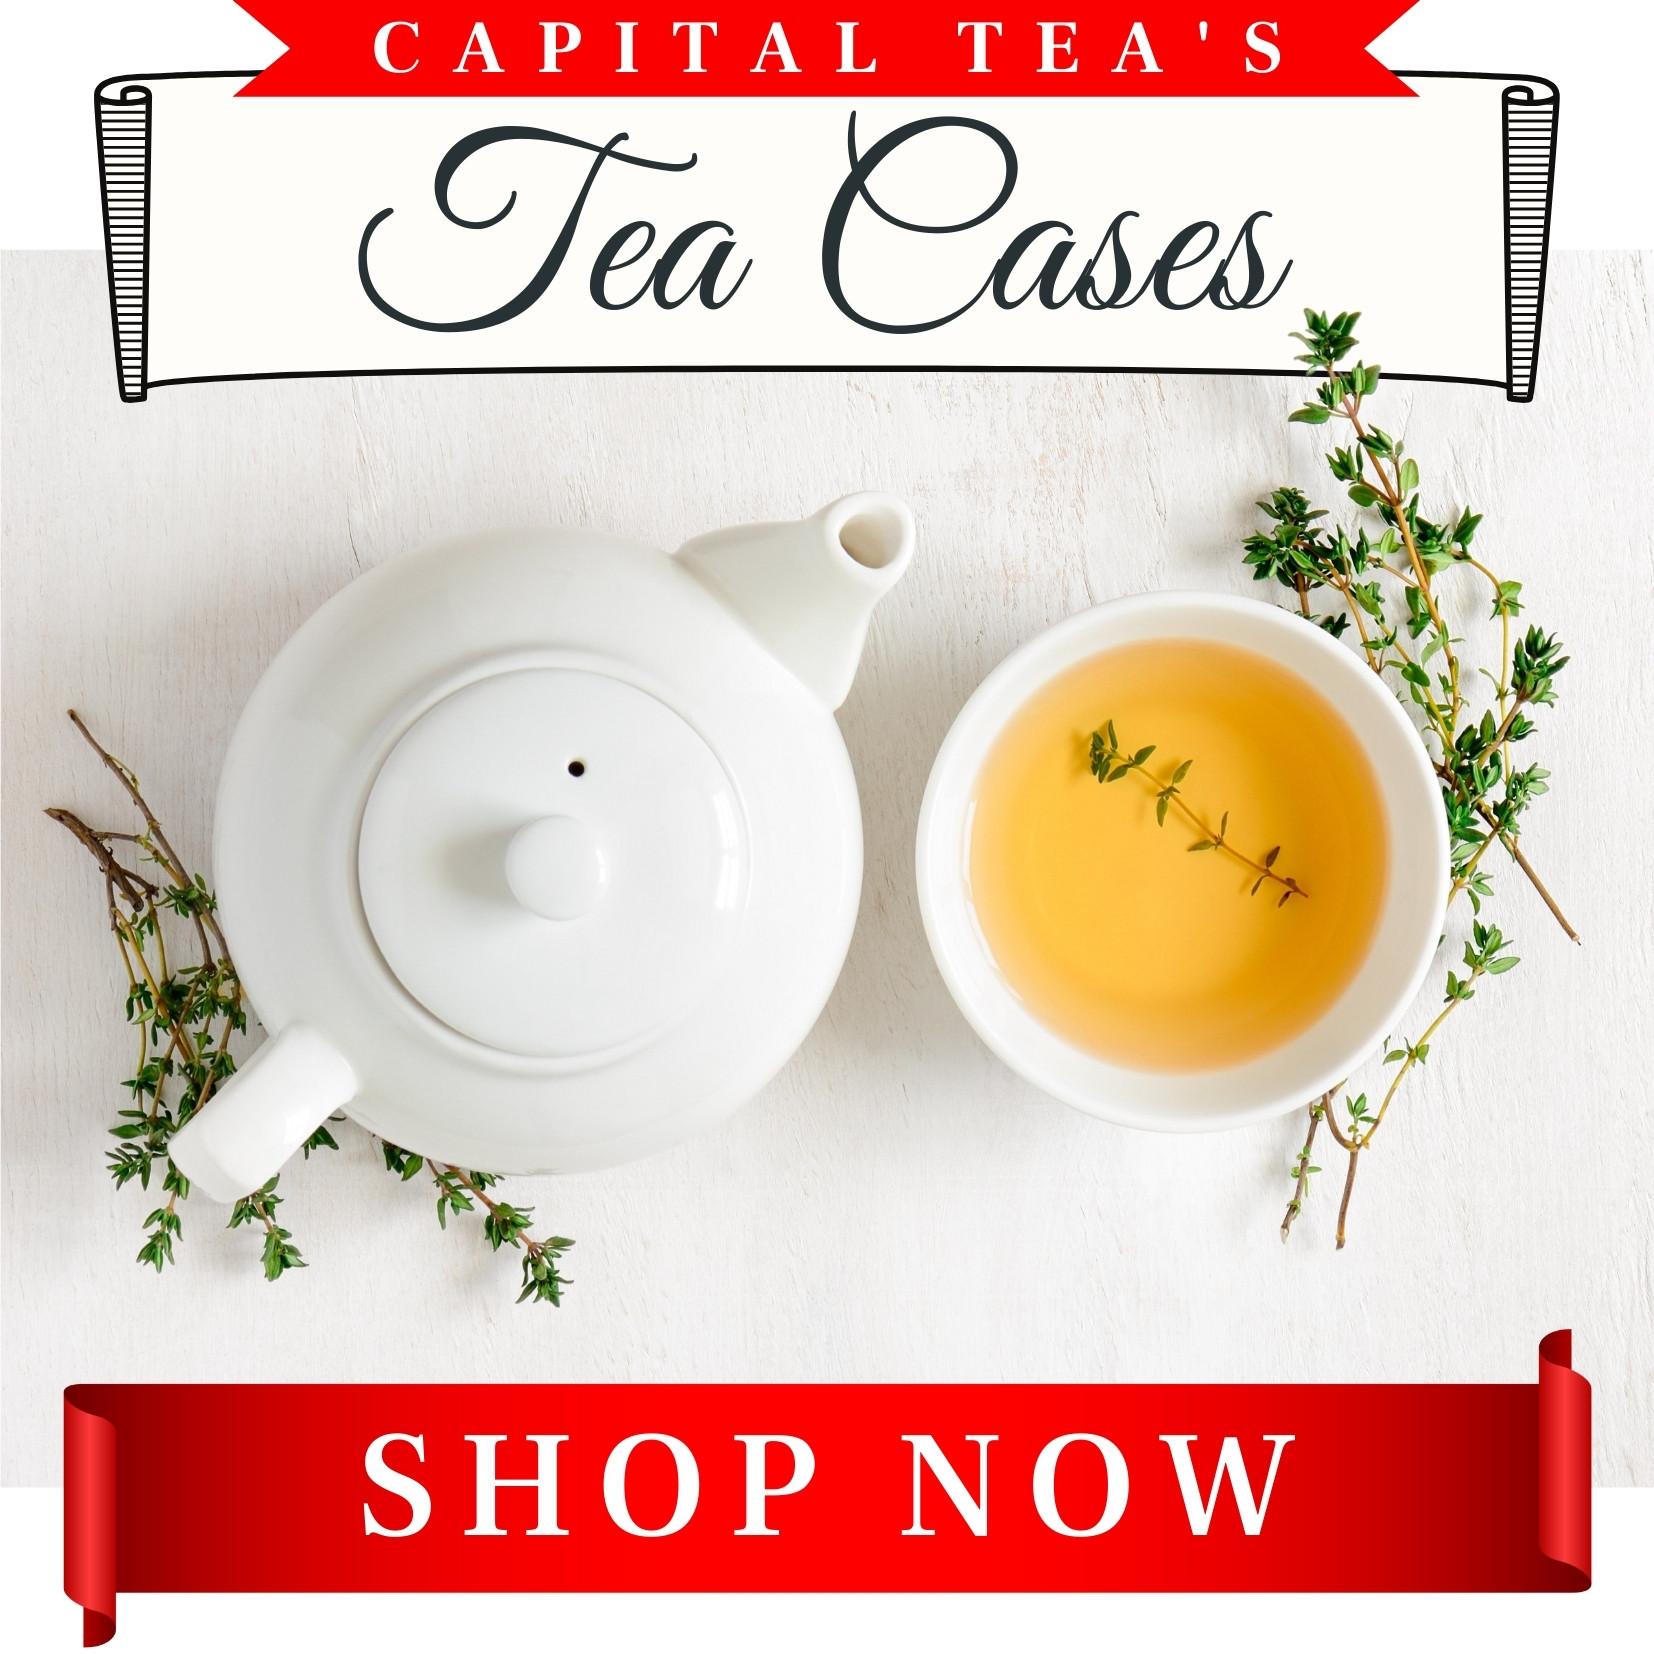 Tea Cases